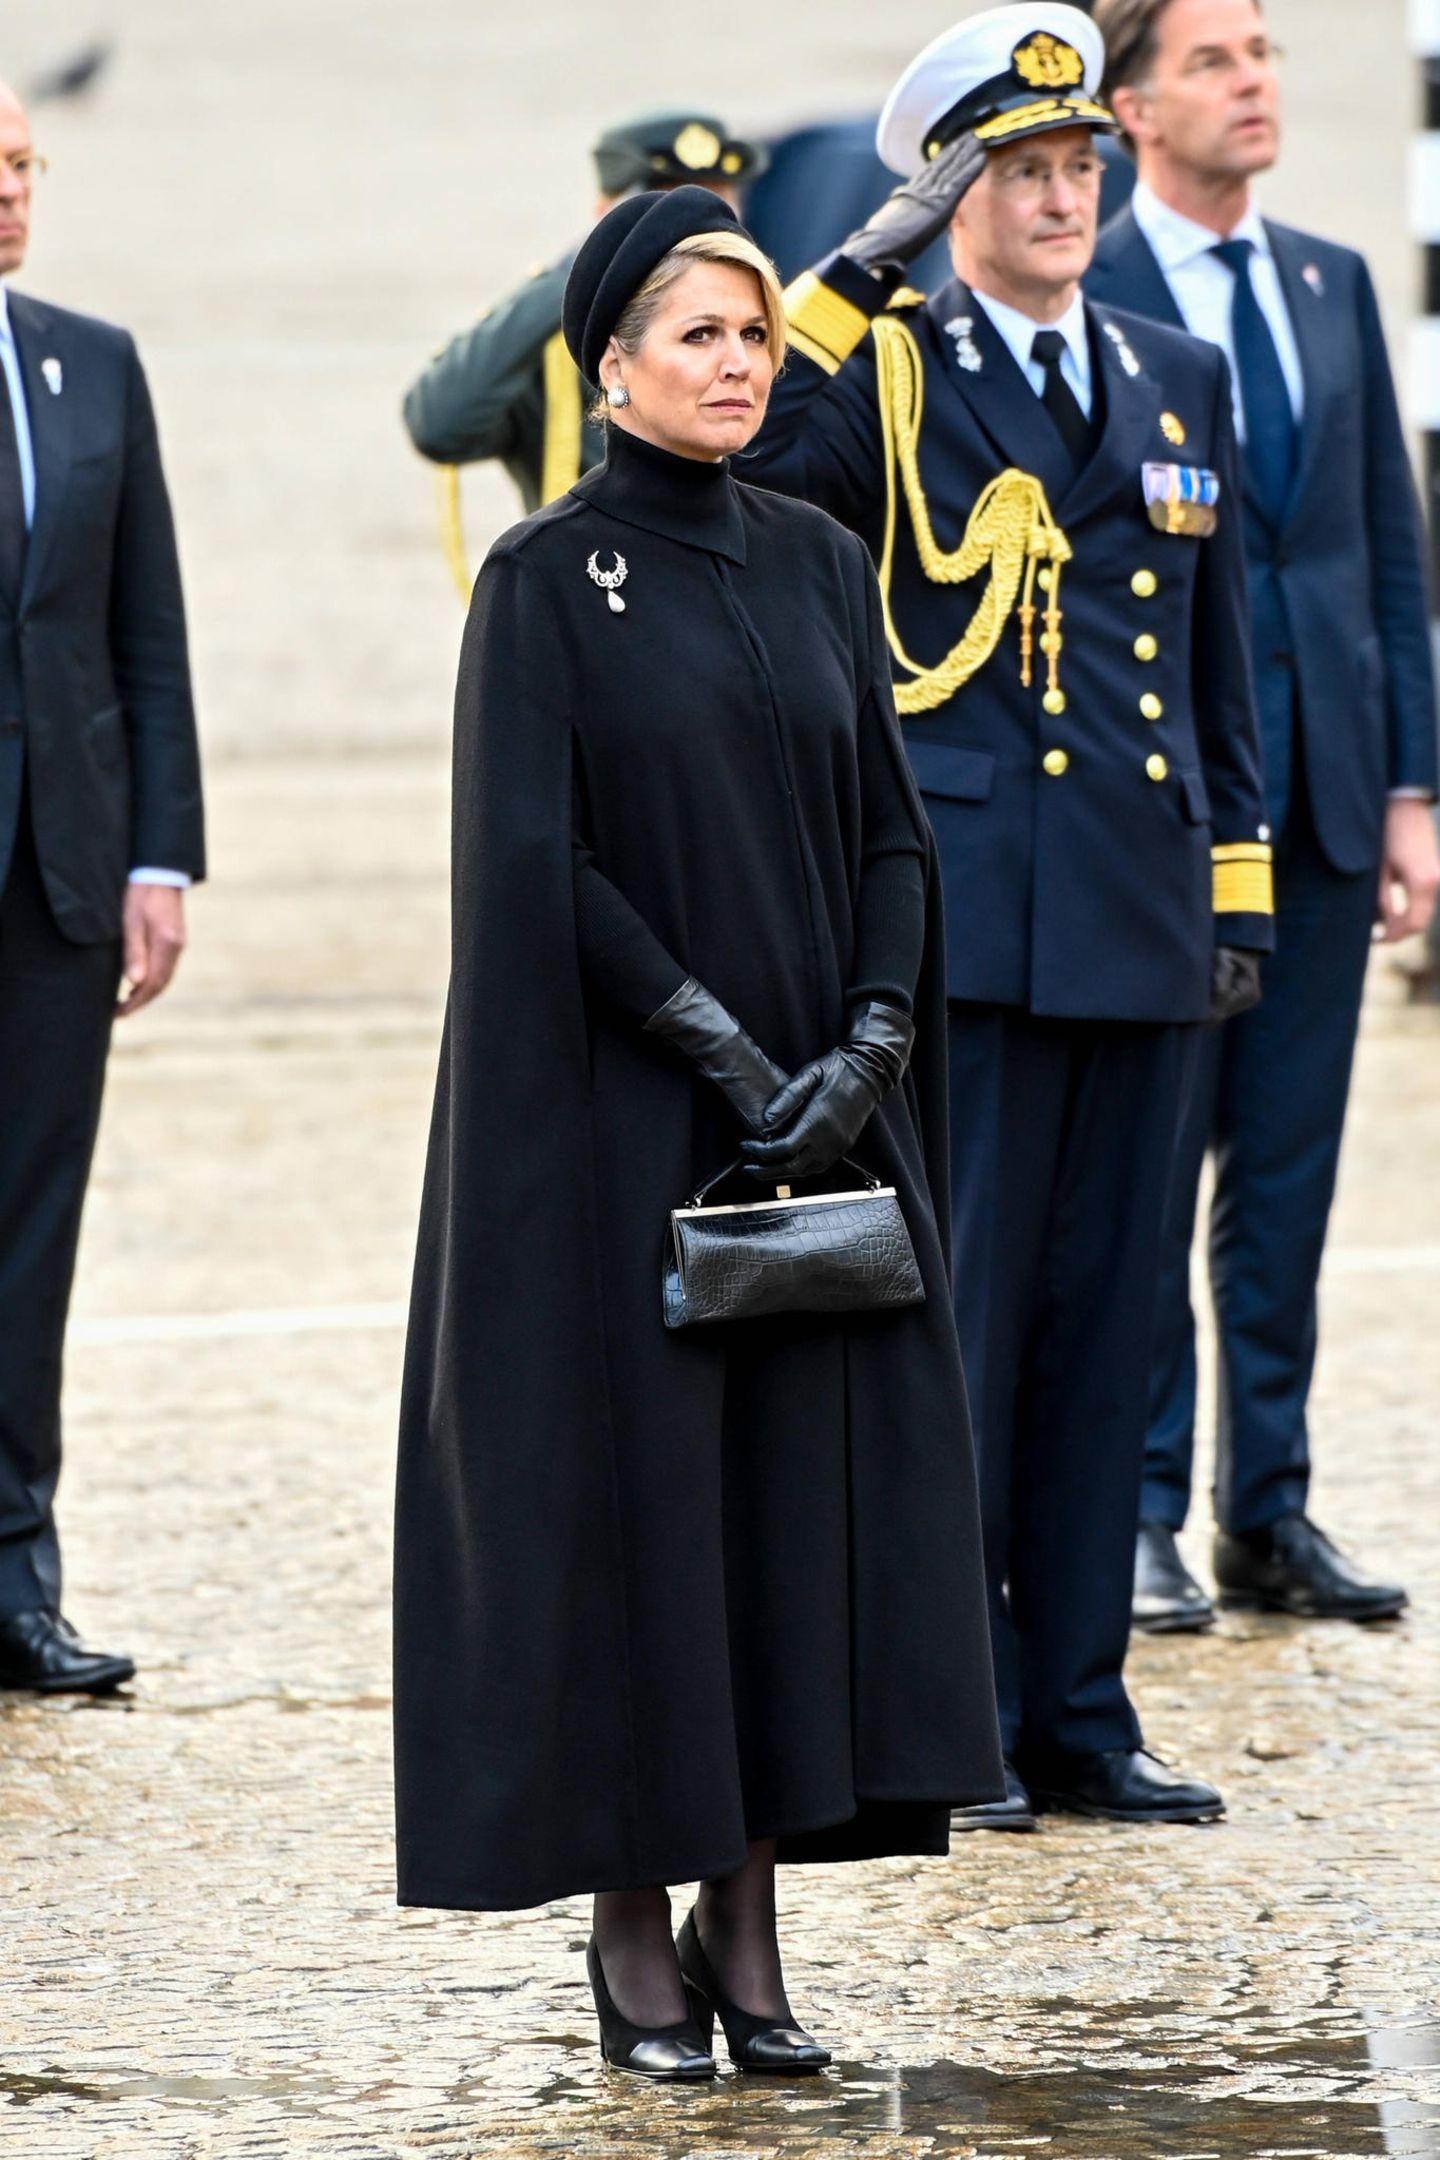 Königin Máxima der Niederlande liebt normalerweise farbenfrohe Styles, gerne auffällig und mit Mustern. In Amsterdam besucht siezusammen mit ihrem Mann Willem-Alexander eine Gedenkfeierund entscheidet sich diesmal aufgrund desAnlasses des Totengedenktages für einen Komplett-Look in Schwarz. Sie trägt ein figurbetontes Kleid von Massimo Dutti und darüber einen Cape-Mantel. Beides lässt sie sehr elegant wirken. Bei Schuhen und Accessoiresentscheidetsie sich ebenfalls fürTon-in-Ton und beweist erneut wahres Stilgefühl.